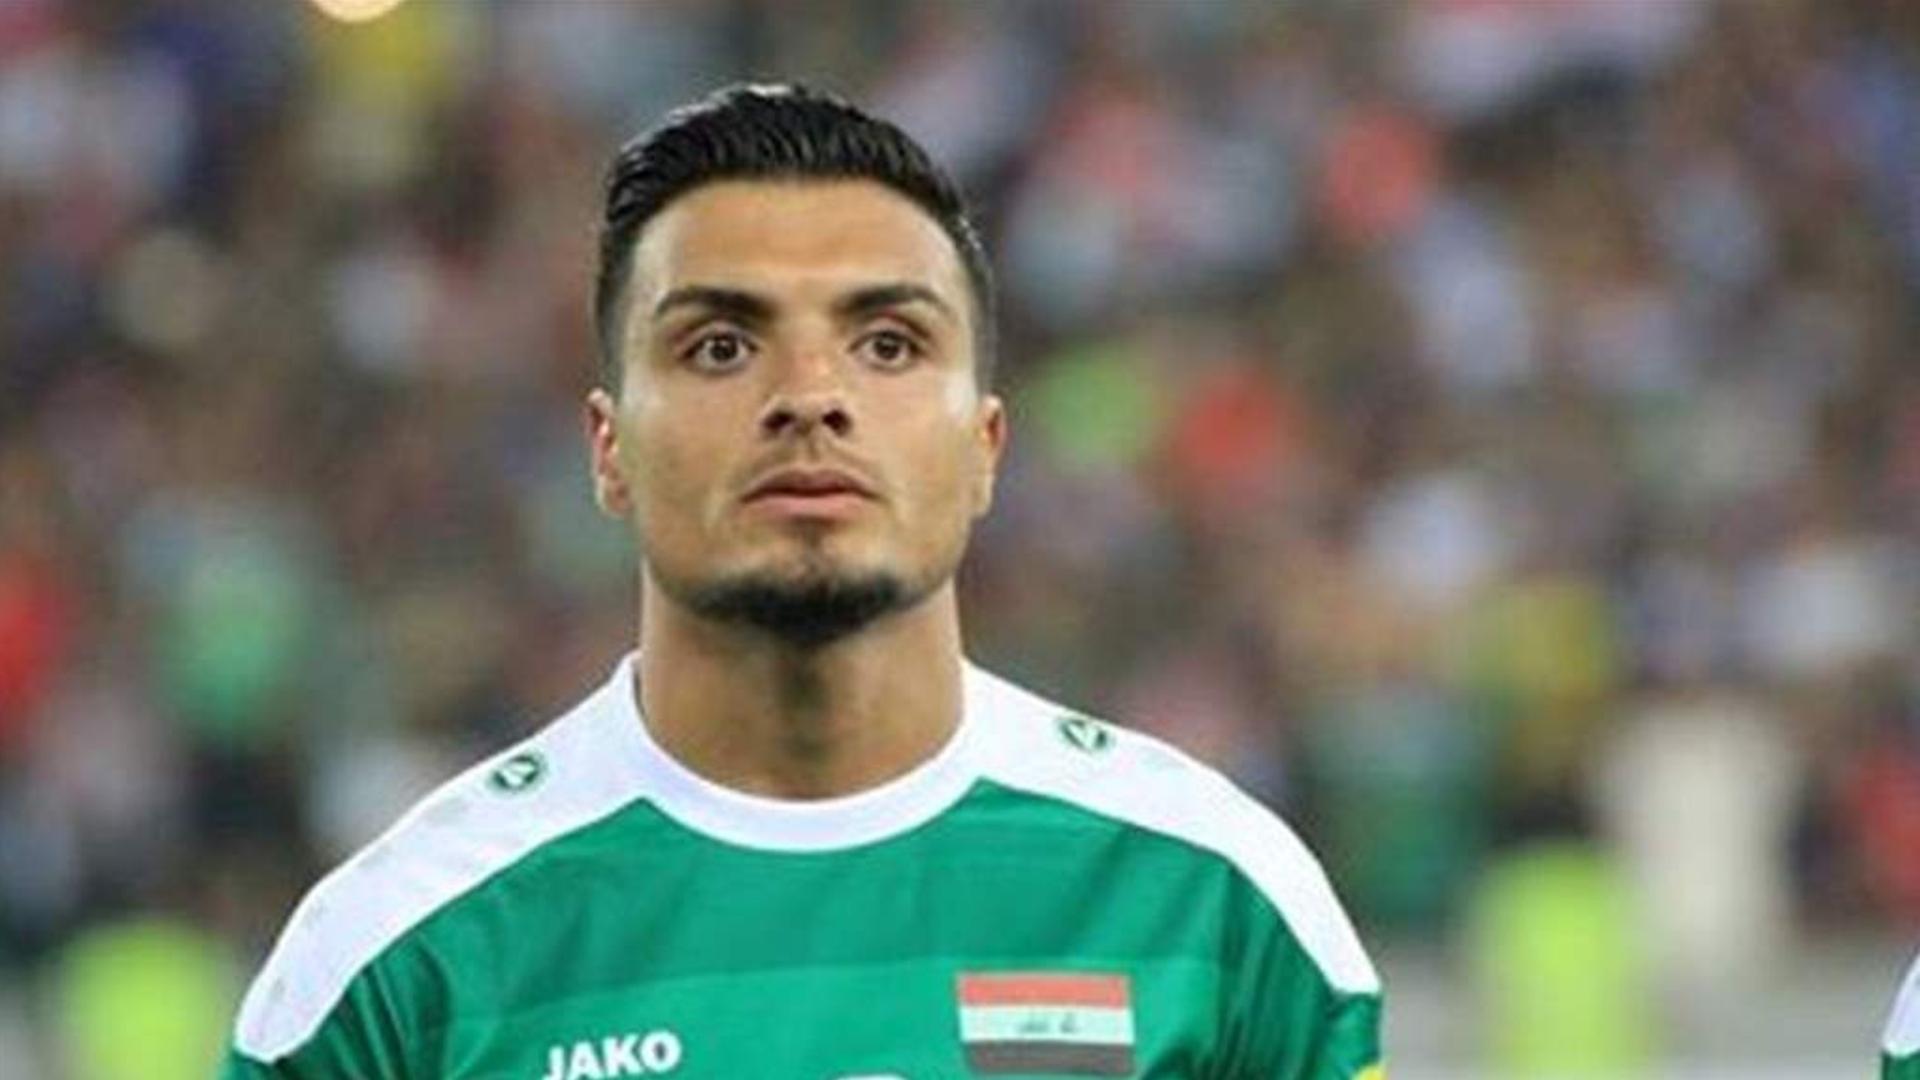 أحمد ياسين ينضم الى دنيزلي سبور التركي